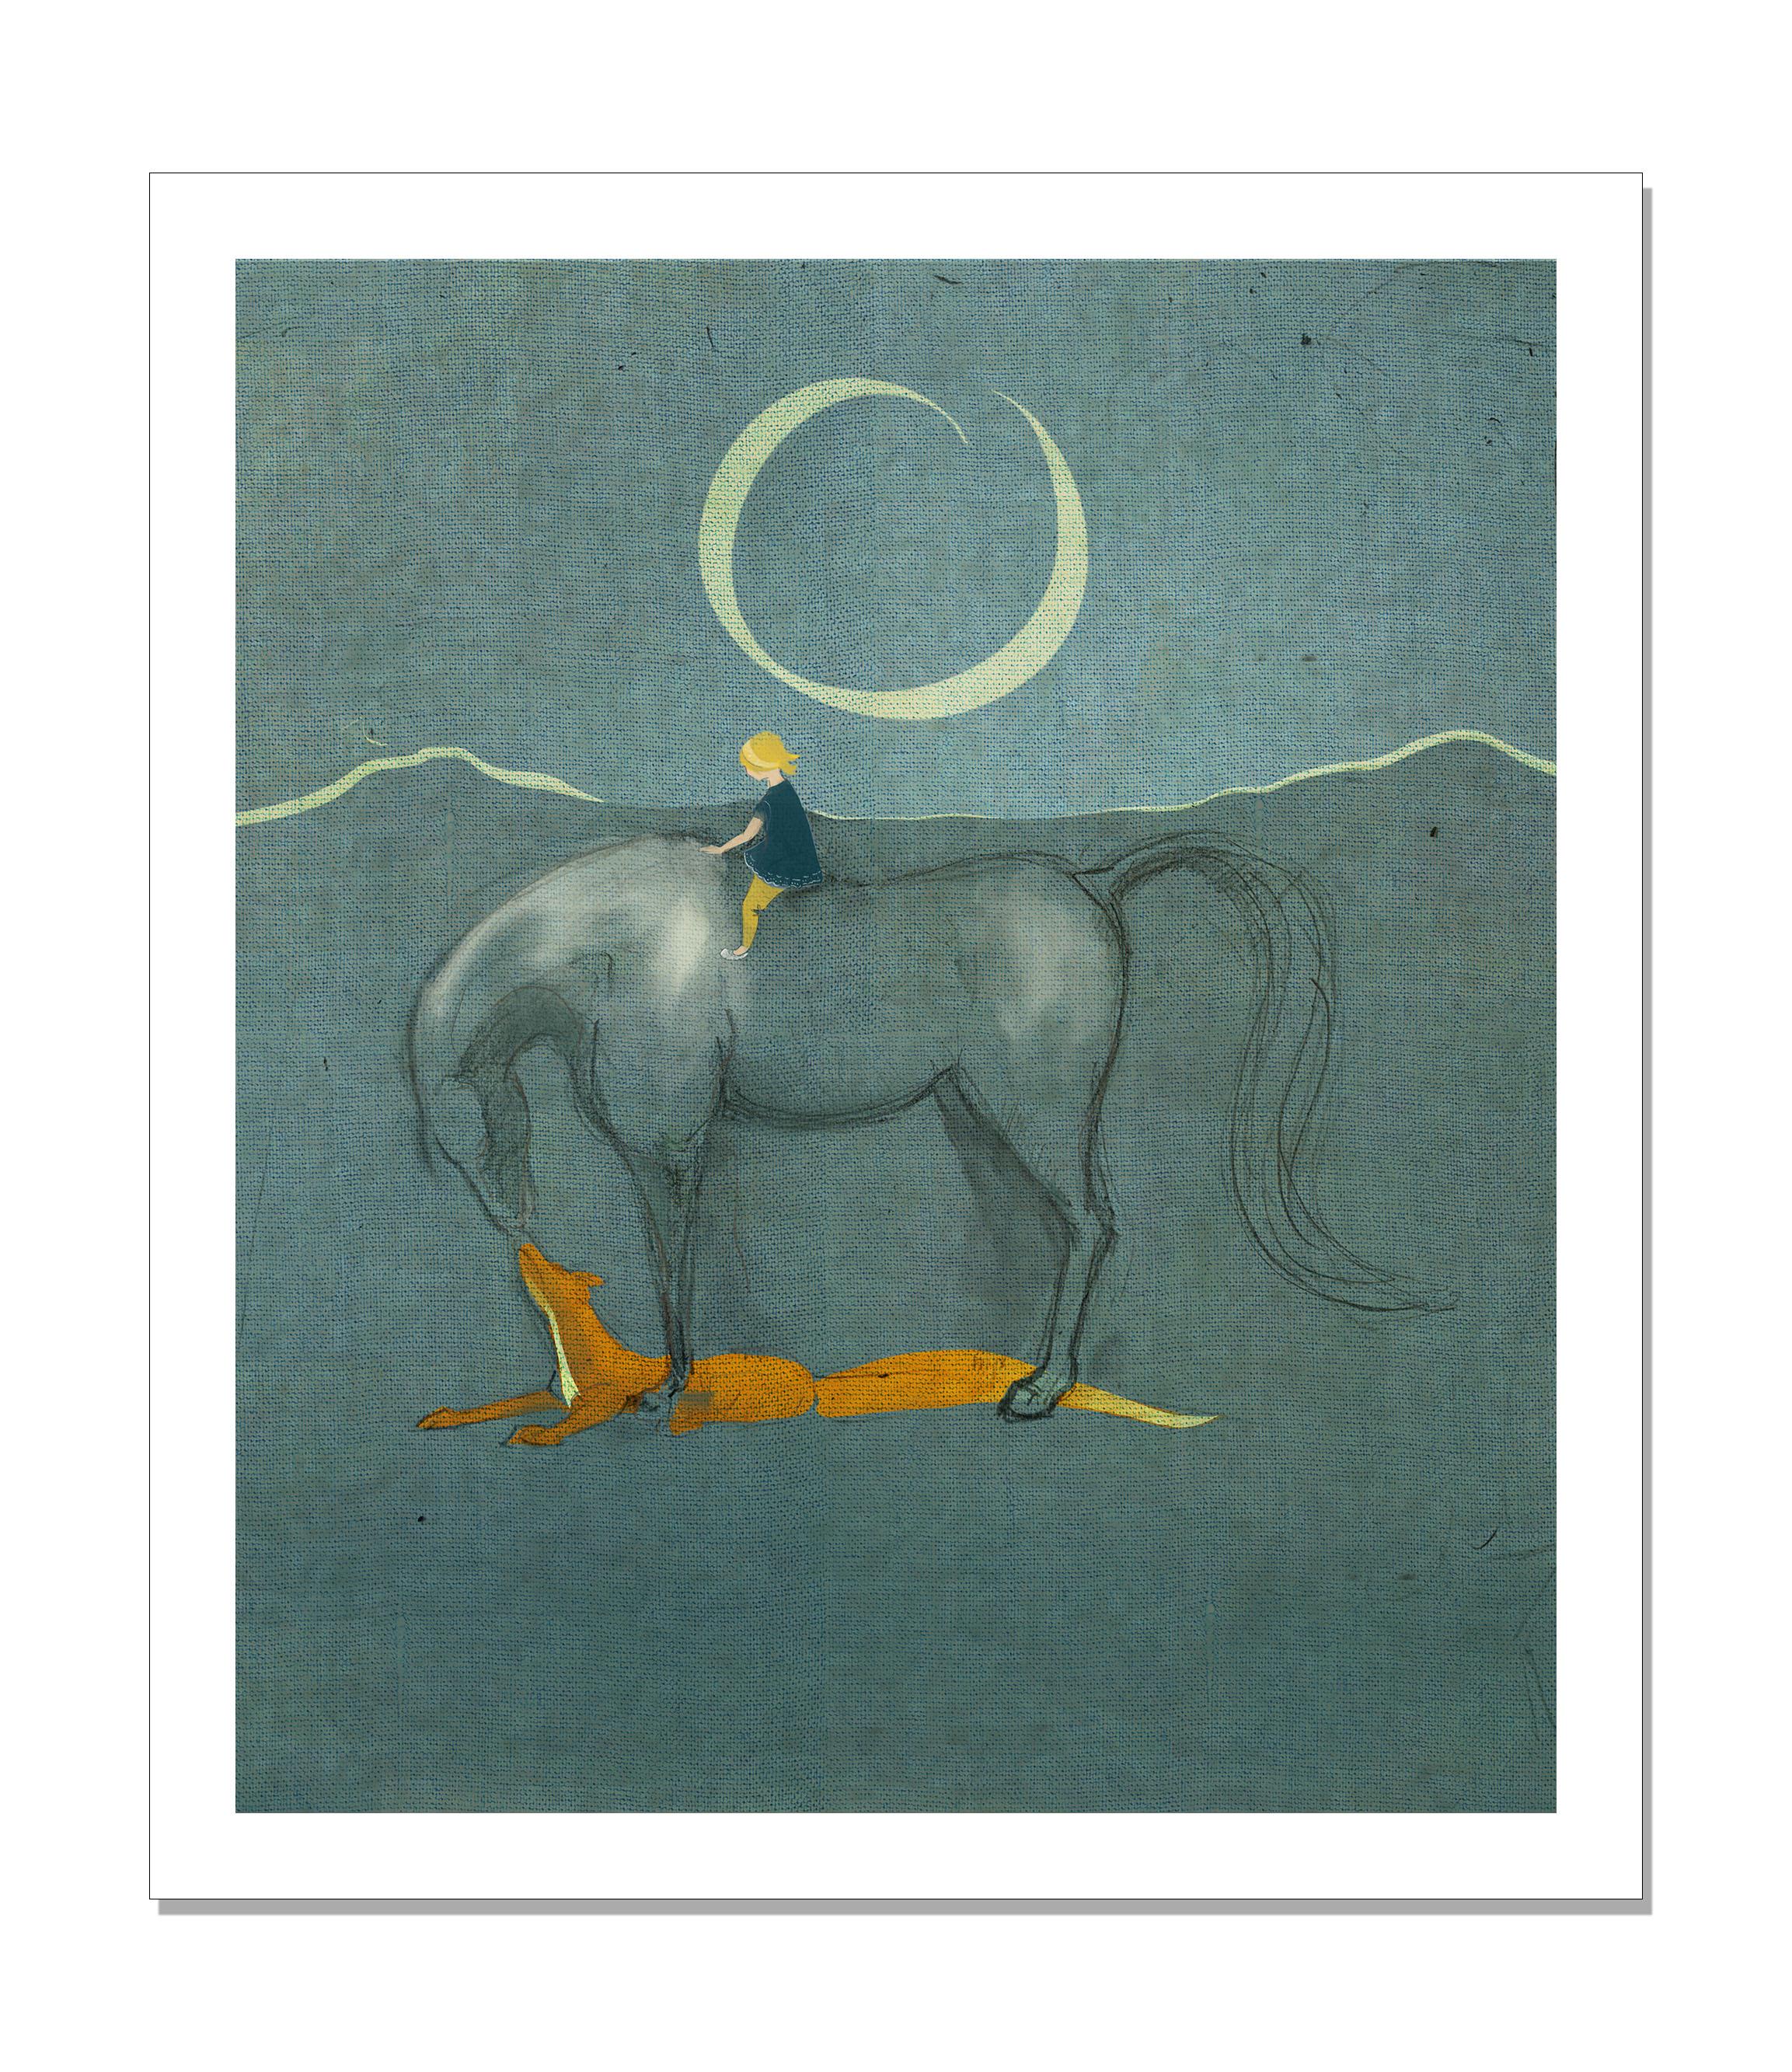 Flickan på häst